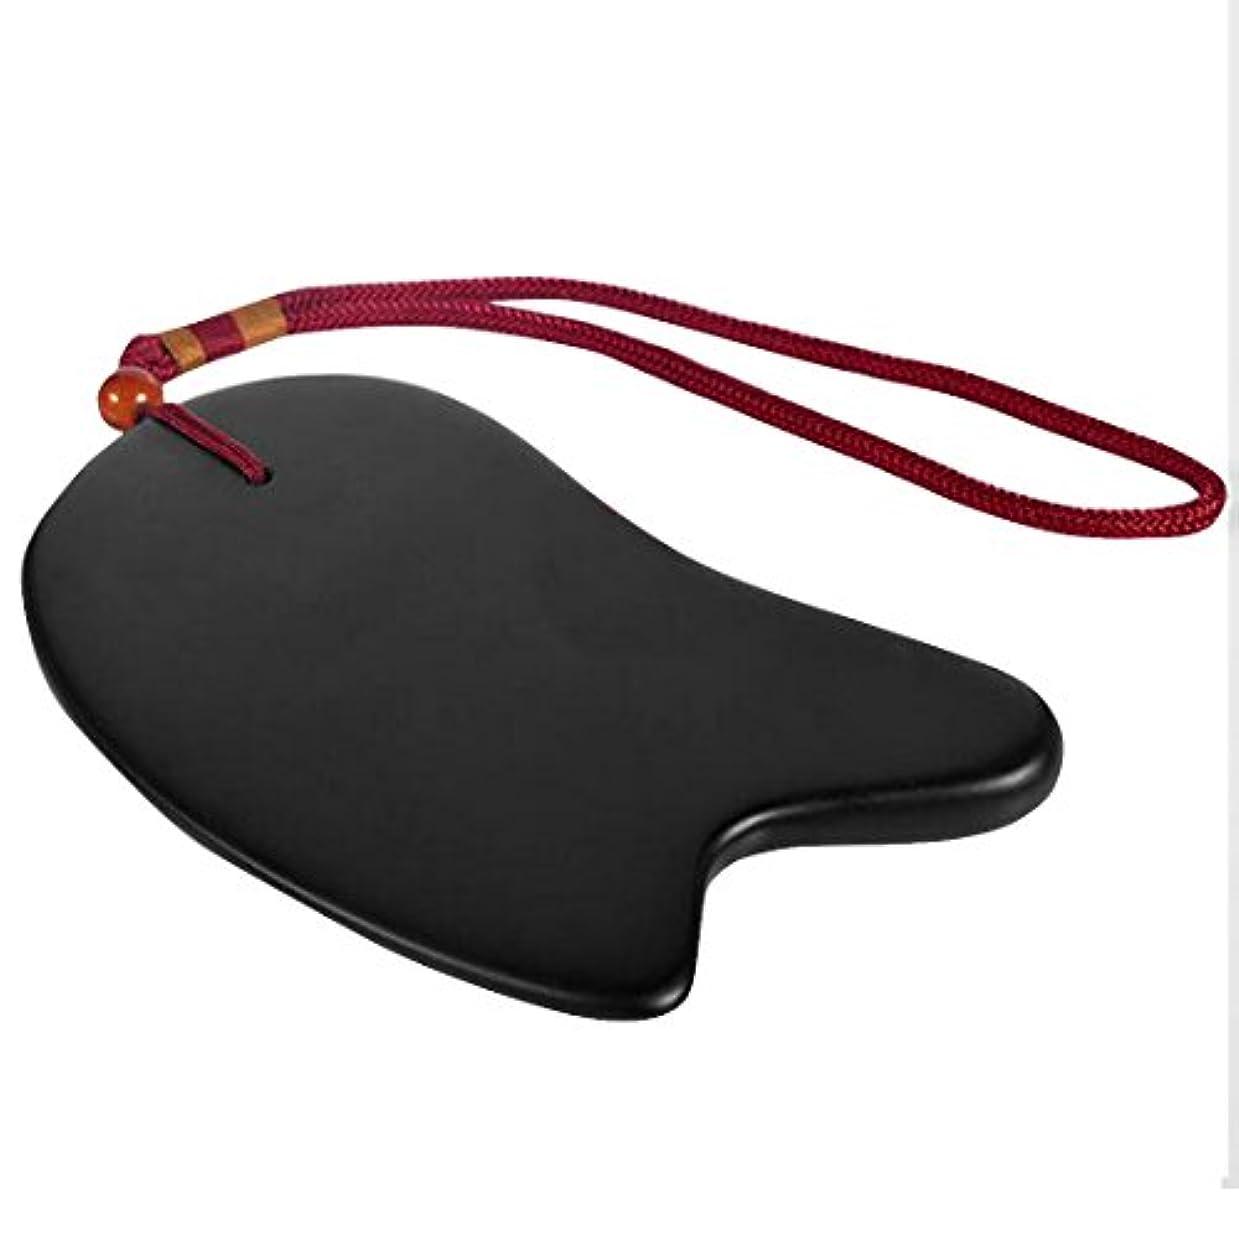 意識ブロック患者(イスイ) YISHUI風水 本物 天然石 ニードル 大きなウエスト 掻き板 顔 背中 身体の使用 W3411